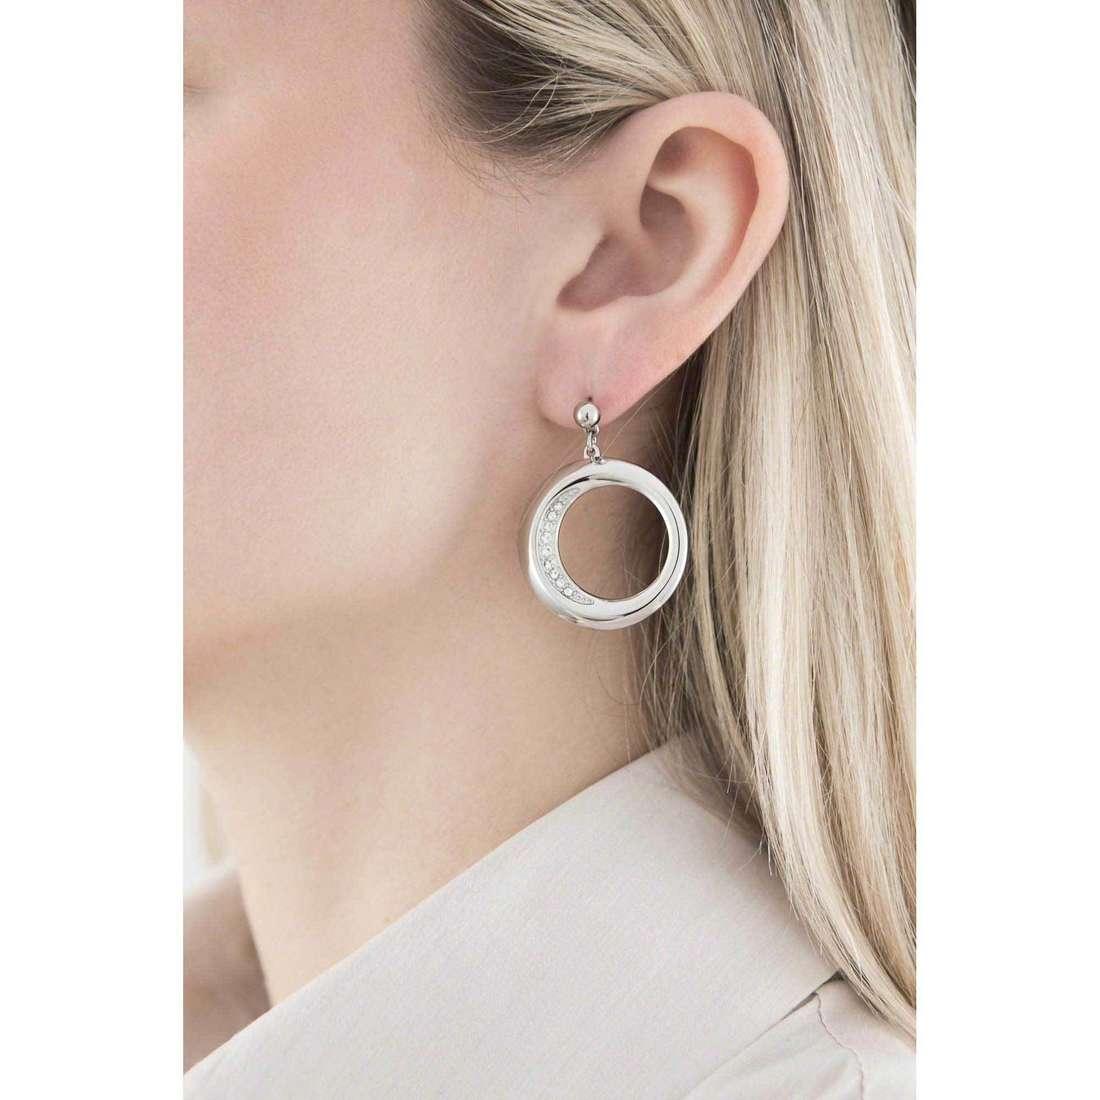 Morellato orecchini Notti donna SAAH06 indosso